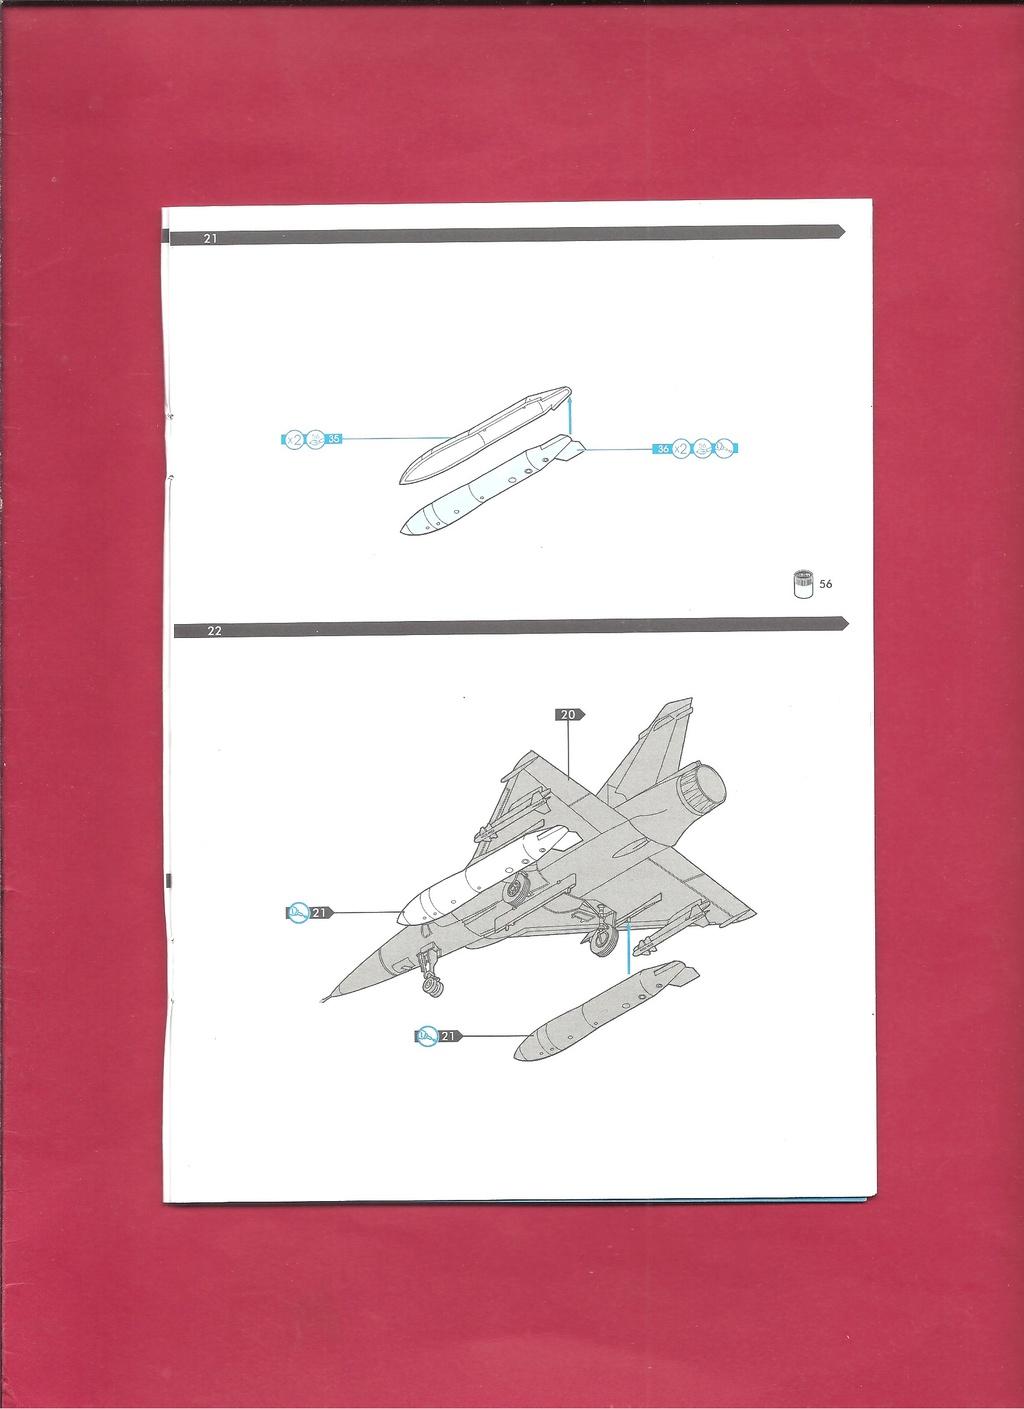 DASSAULT MIRAGE 2000 N 1/72ème Réf 60321 Notice Hell1052